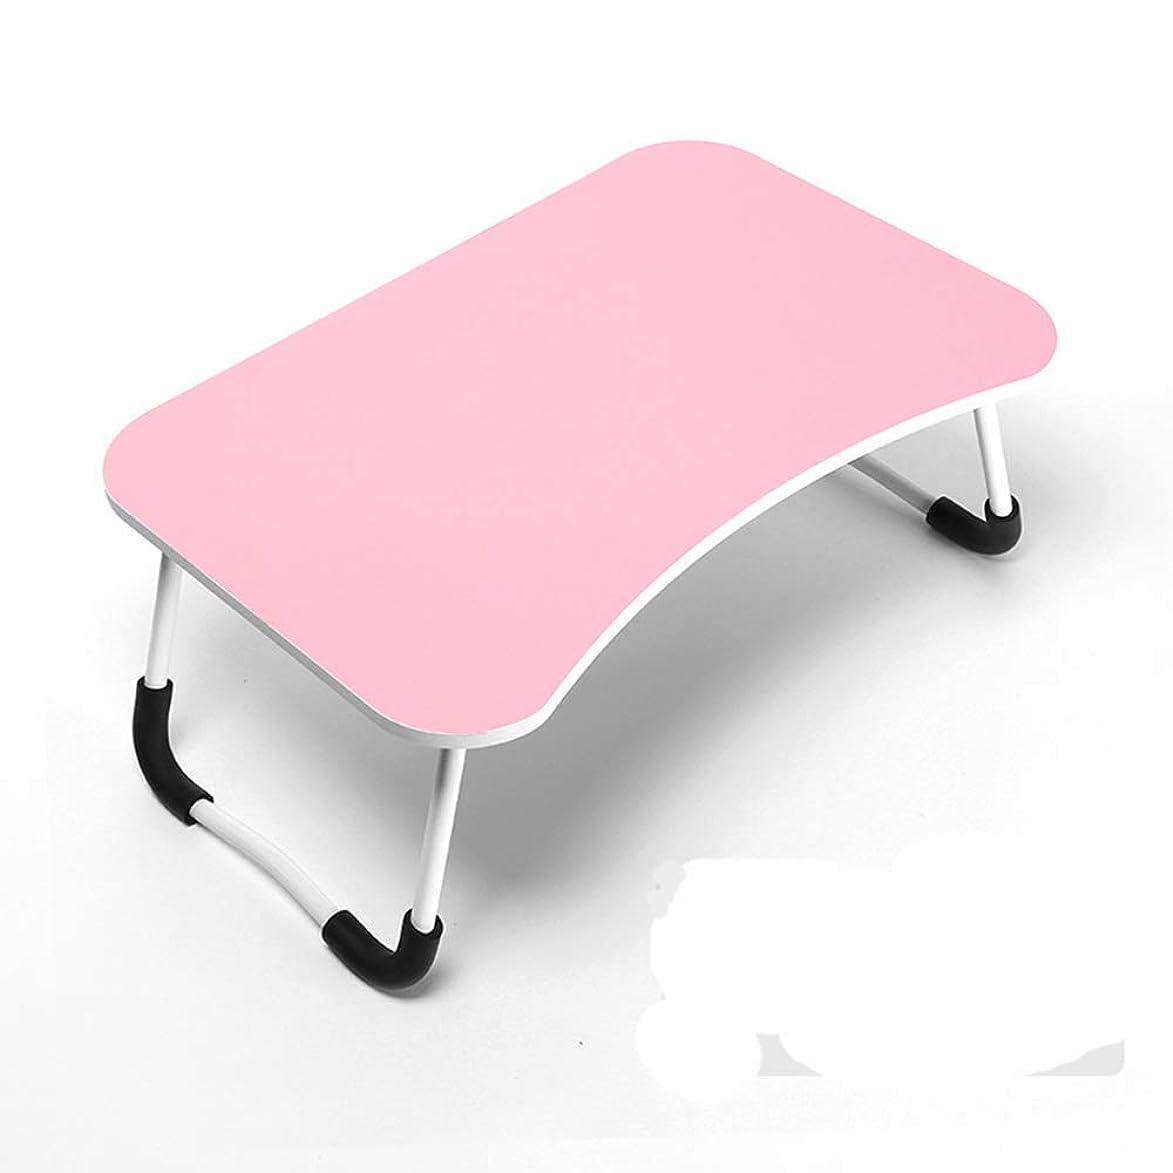 国家座る十代の若者たちPUQU ローテーブル 座卓 軽量 折りたたみテーブル 幅60cm 折れ脚 ちゃぶ台 PCデスク 和風 和モダン ナチュラル (pink·, 60*40*28)